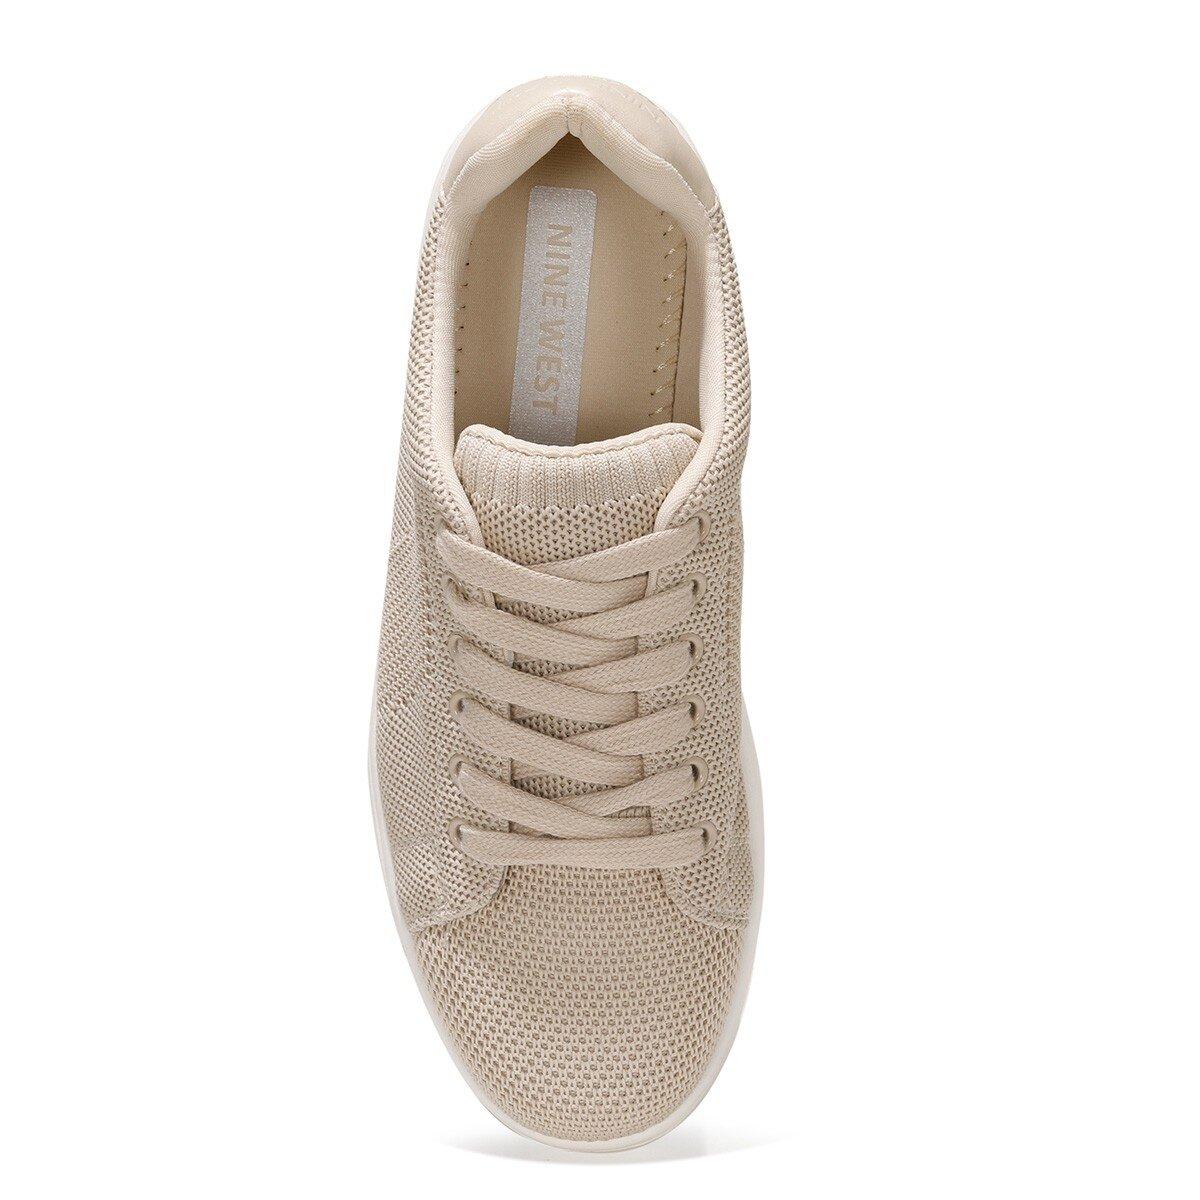 ULONIA 1FX Bej Kadın Spor Ayakkabı